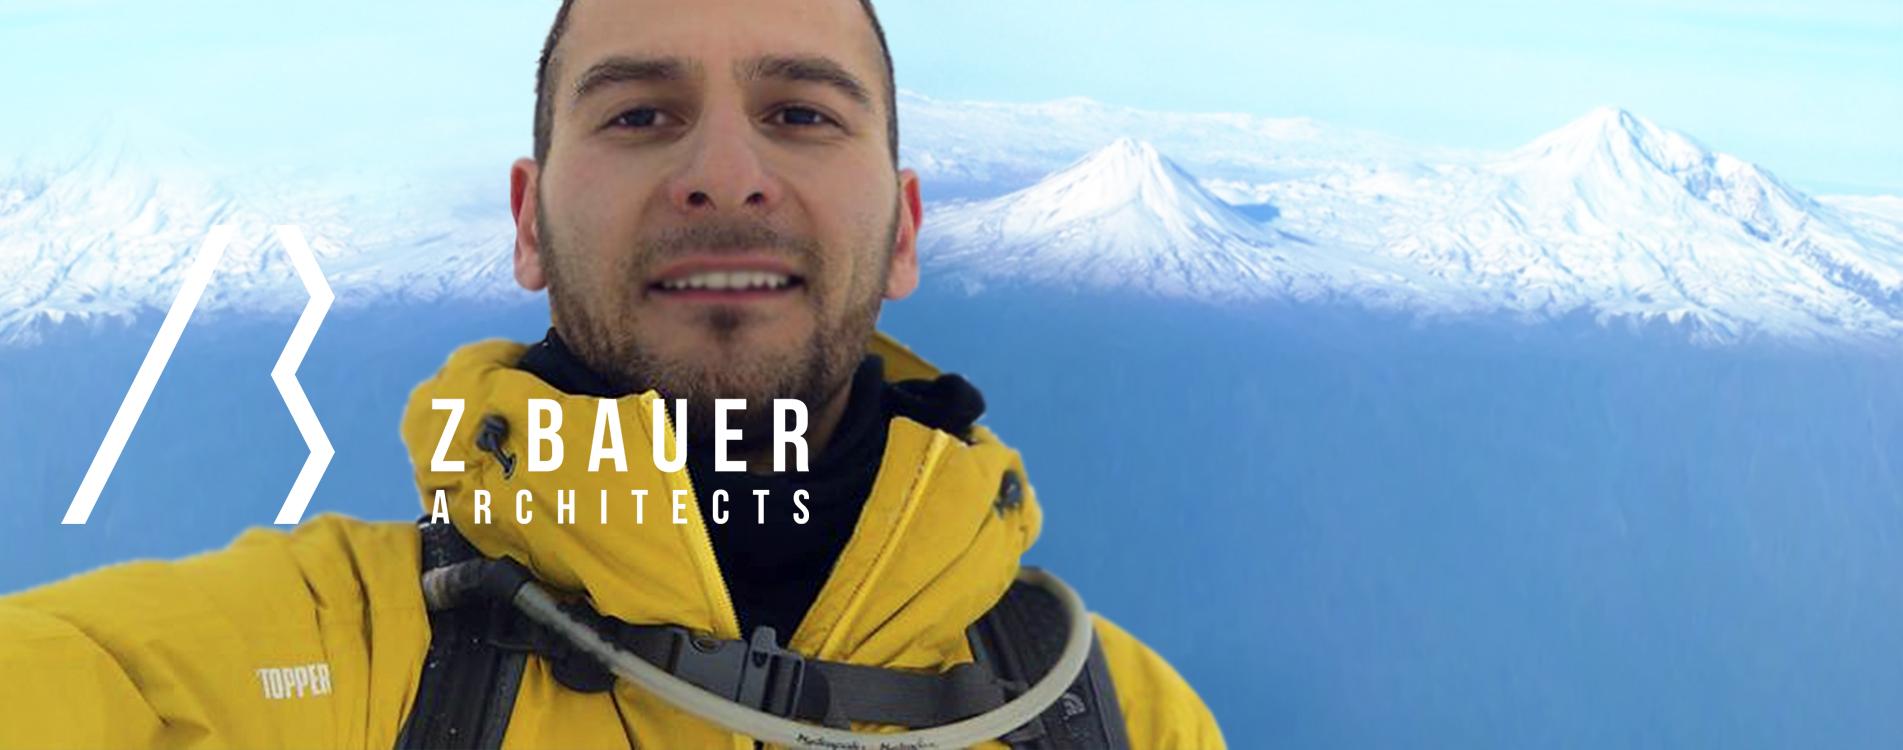 Zohrab Bauer Architect Nature Mt Ararat 24